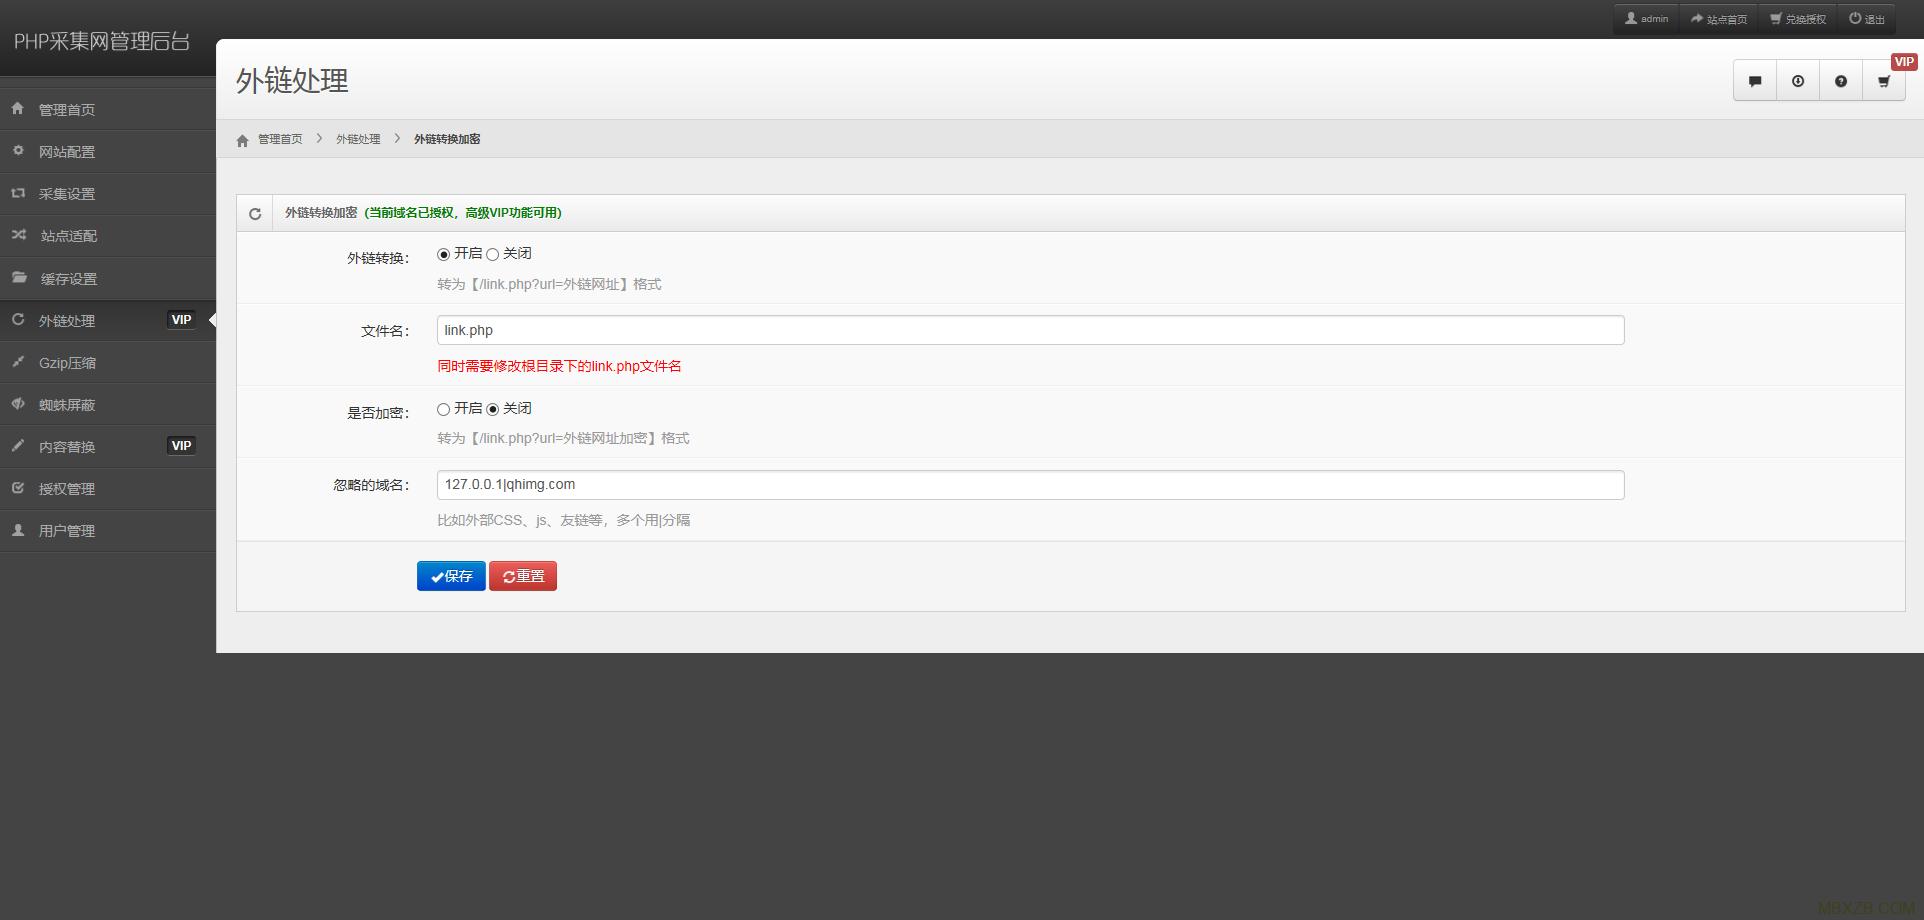 【亲测】单域名PHP镜像克隆程序v4.0 已剔除授权